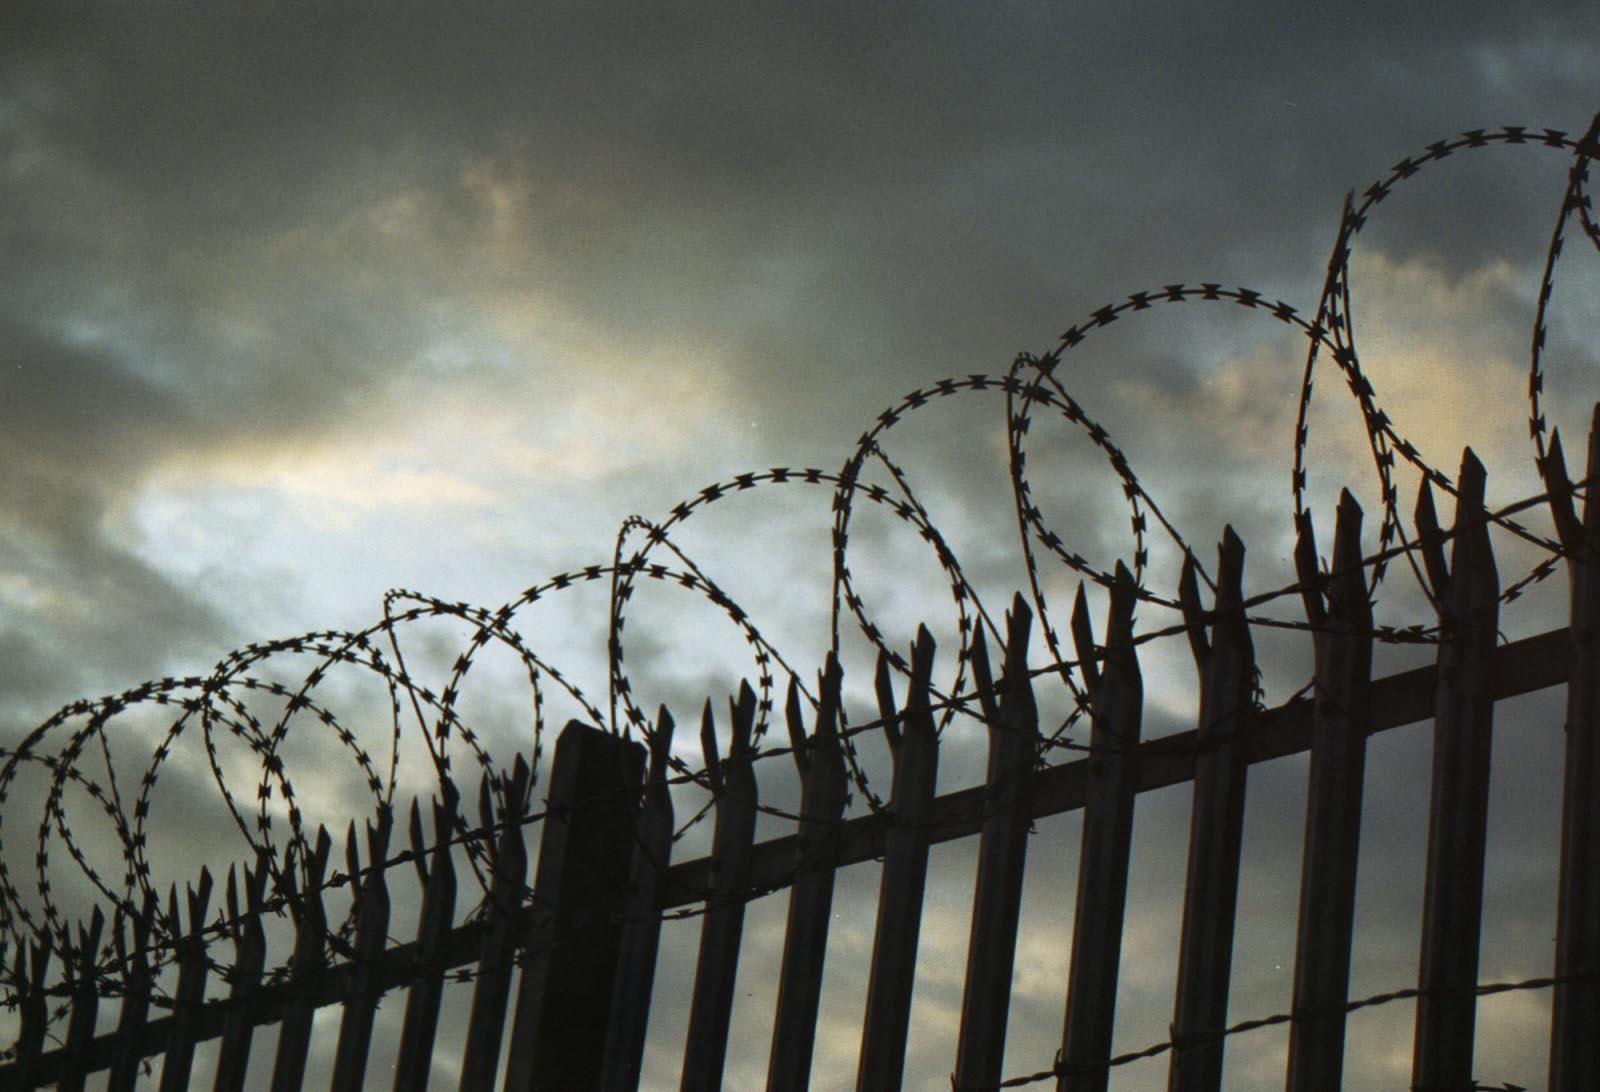 7 років за ґратамиможуть провести молодики, які у Тисмениці побили і викрали чоловіка